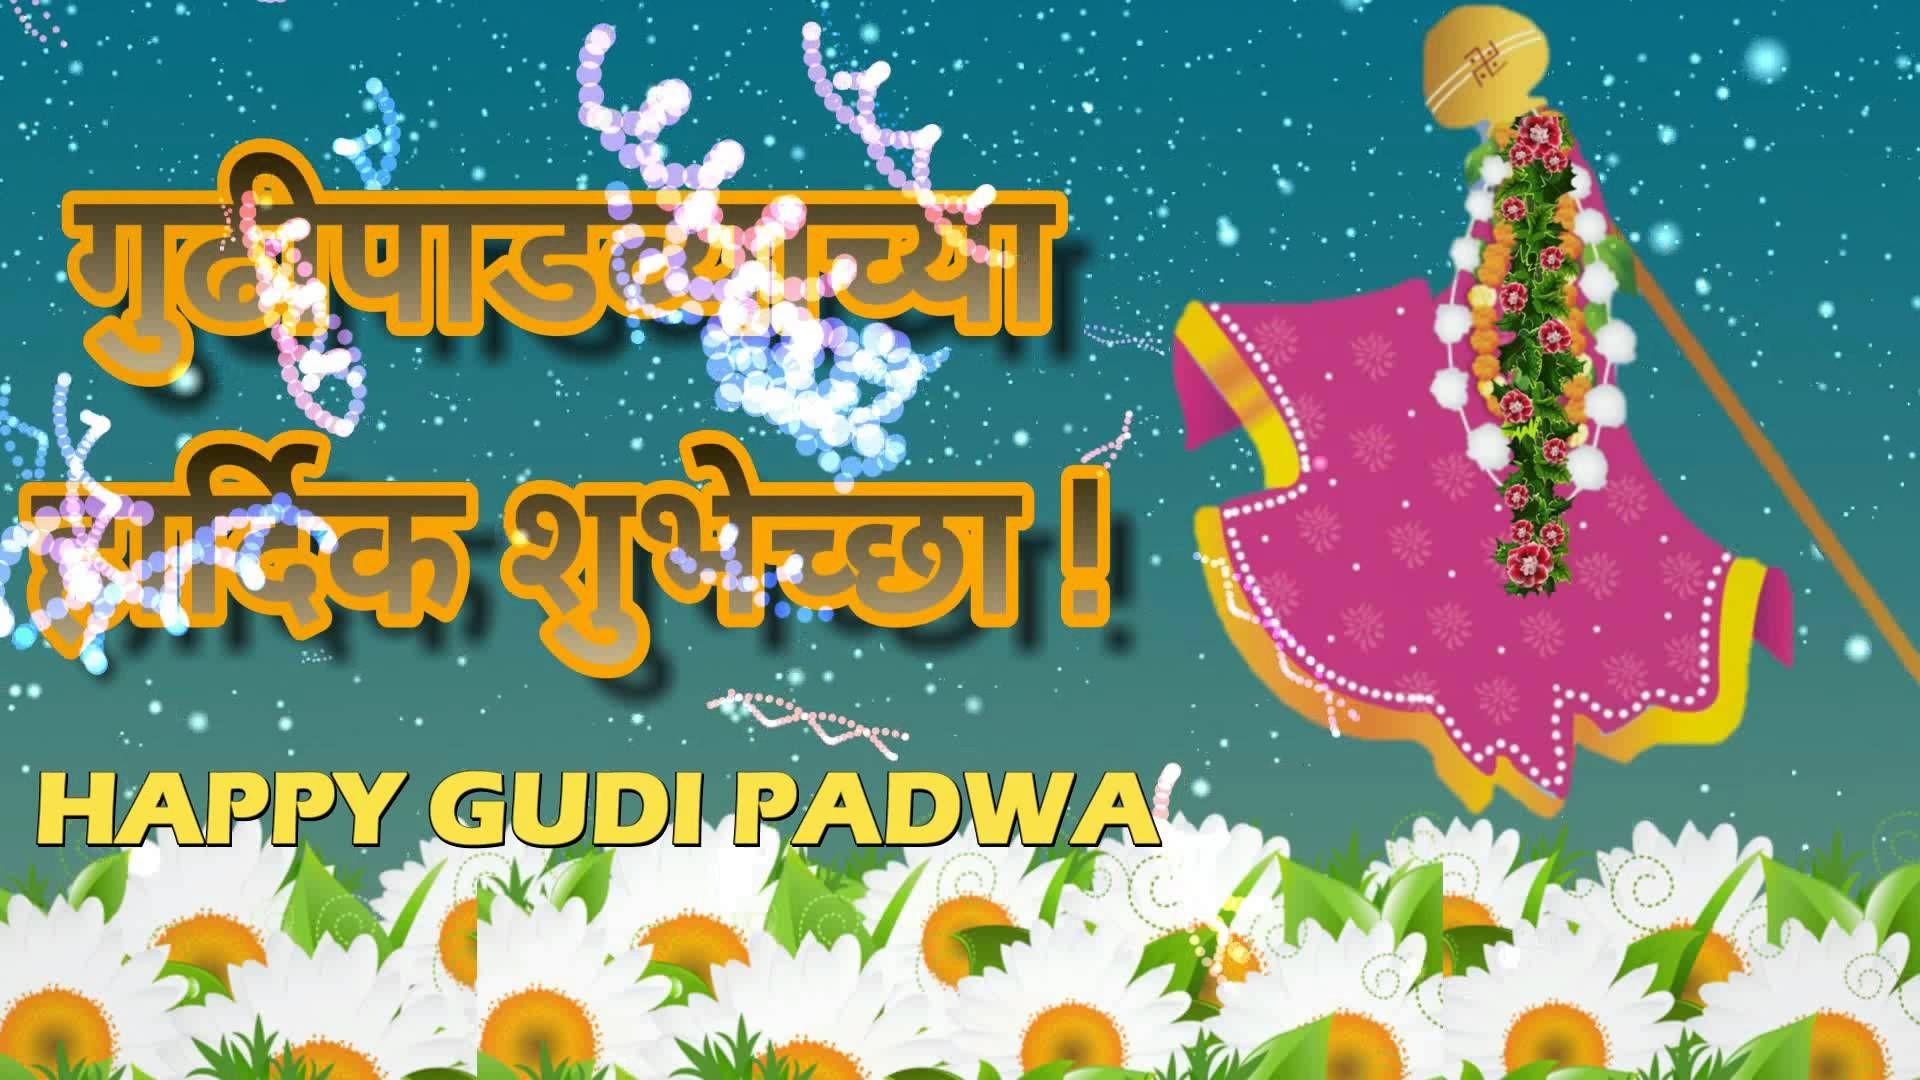 Happy Gudi Padwa Animation Gudi Padwa 2016 Gudi Padwa Wishes Gudi